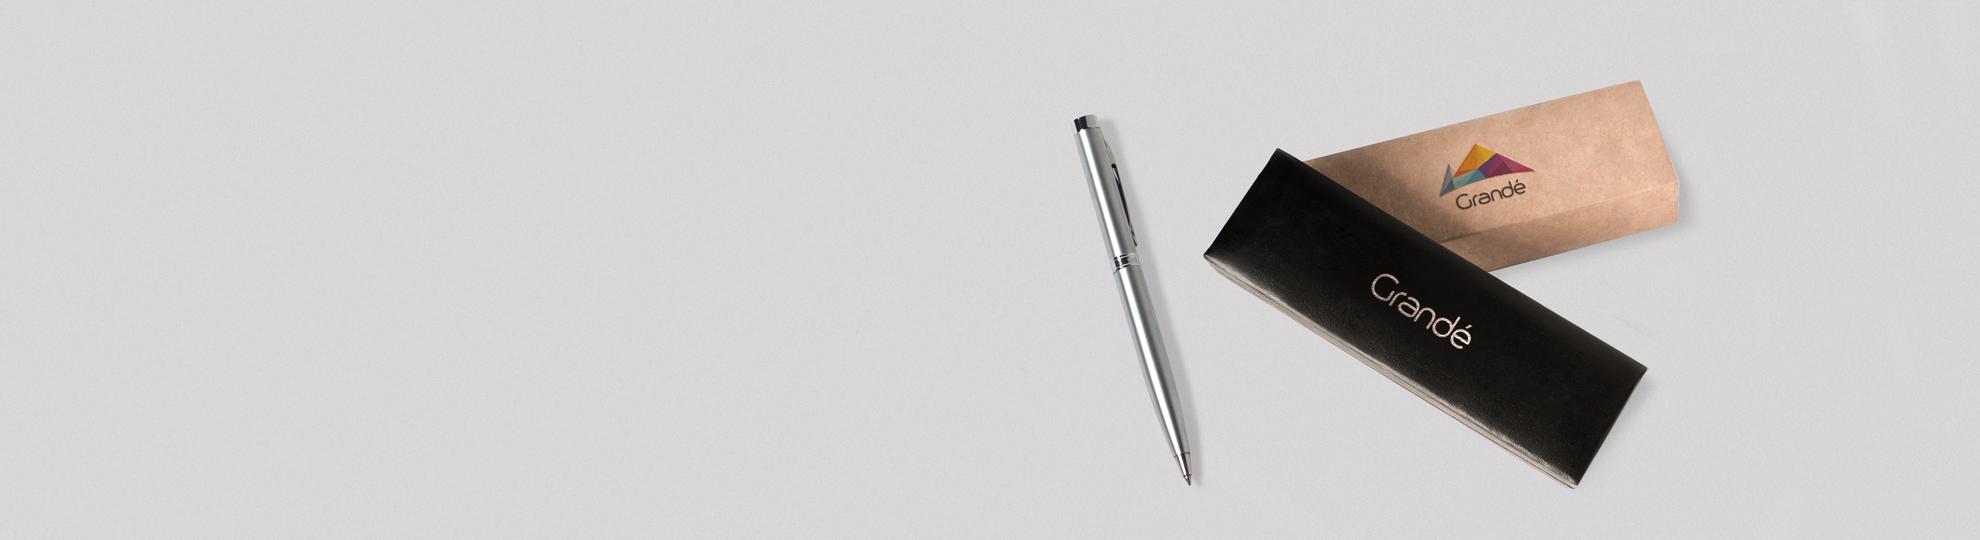 Coffret stylo personnalisé publicitaire